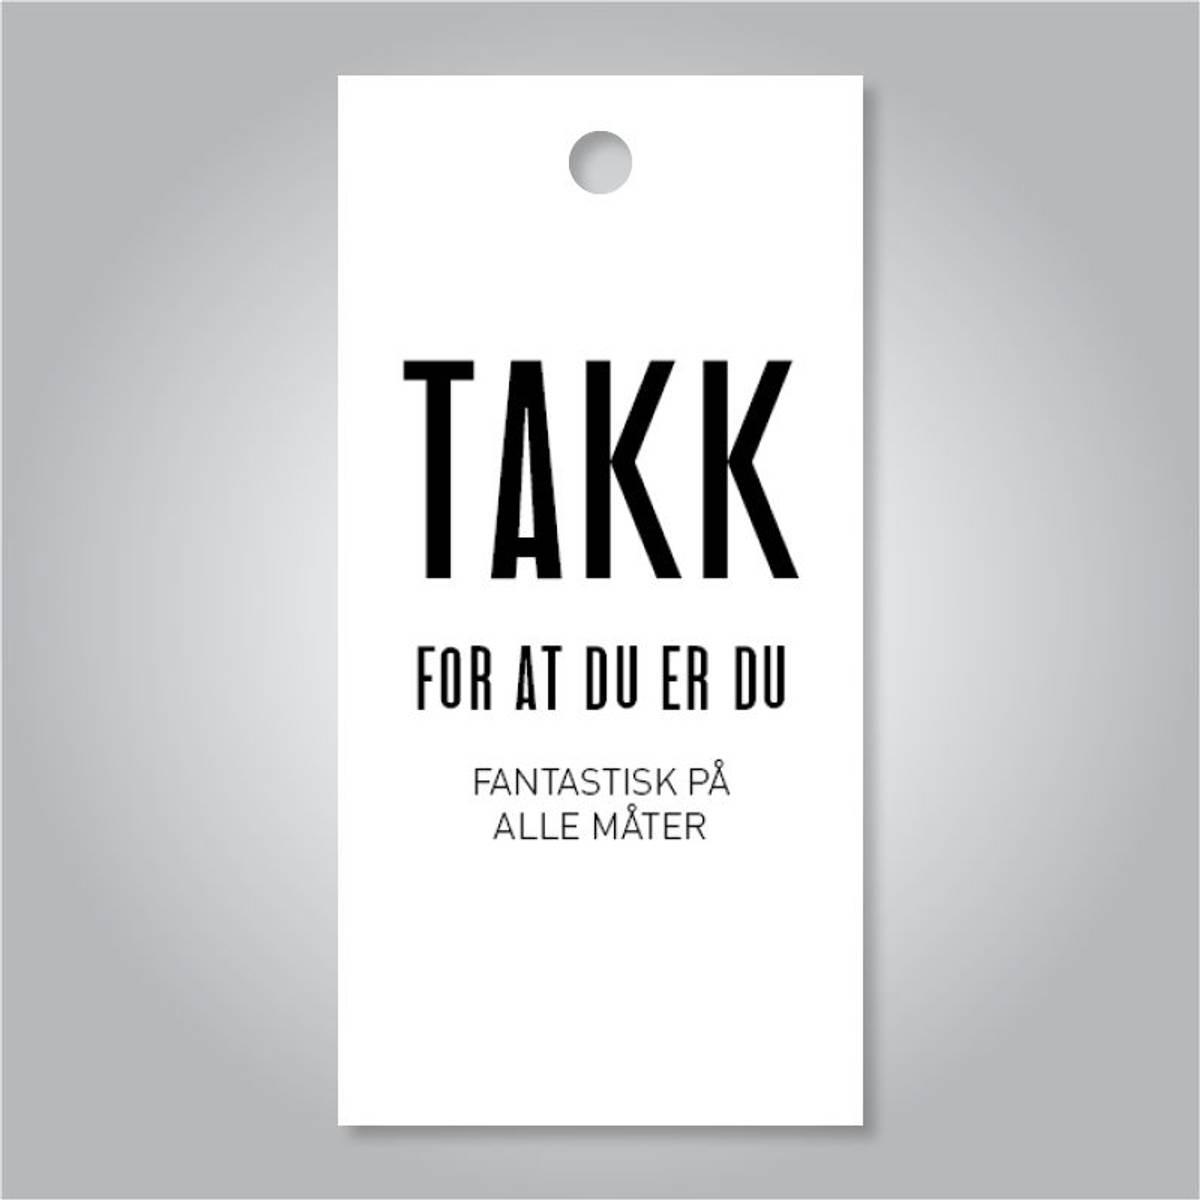 TAGS - Takk For At Du Er Du